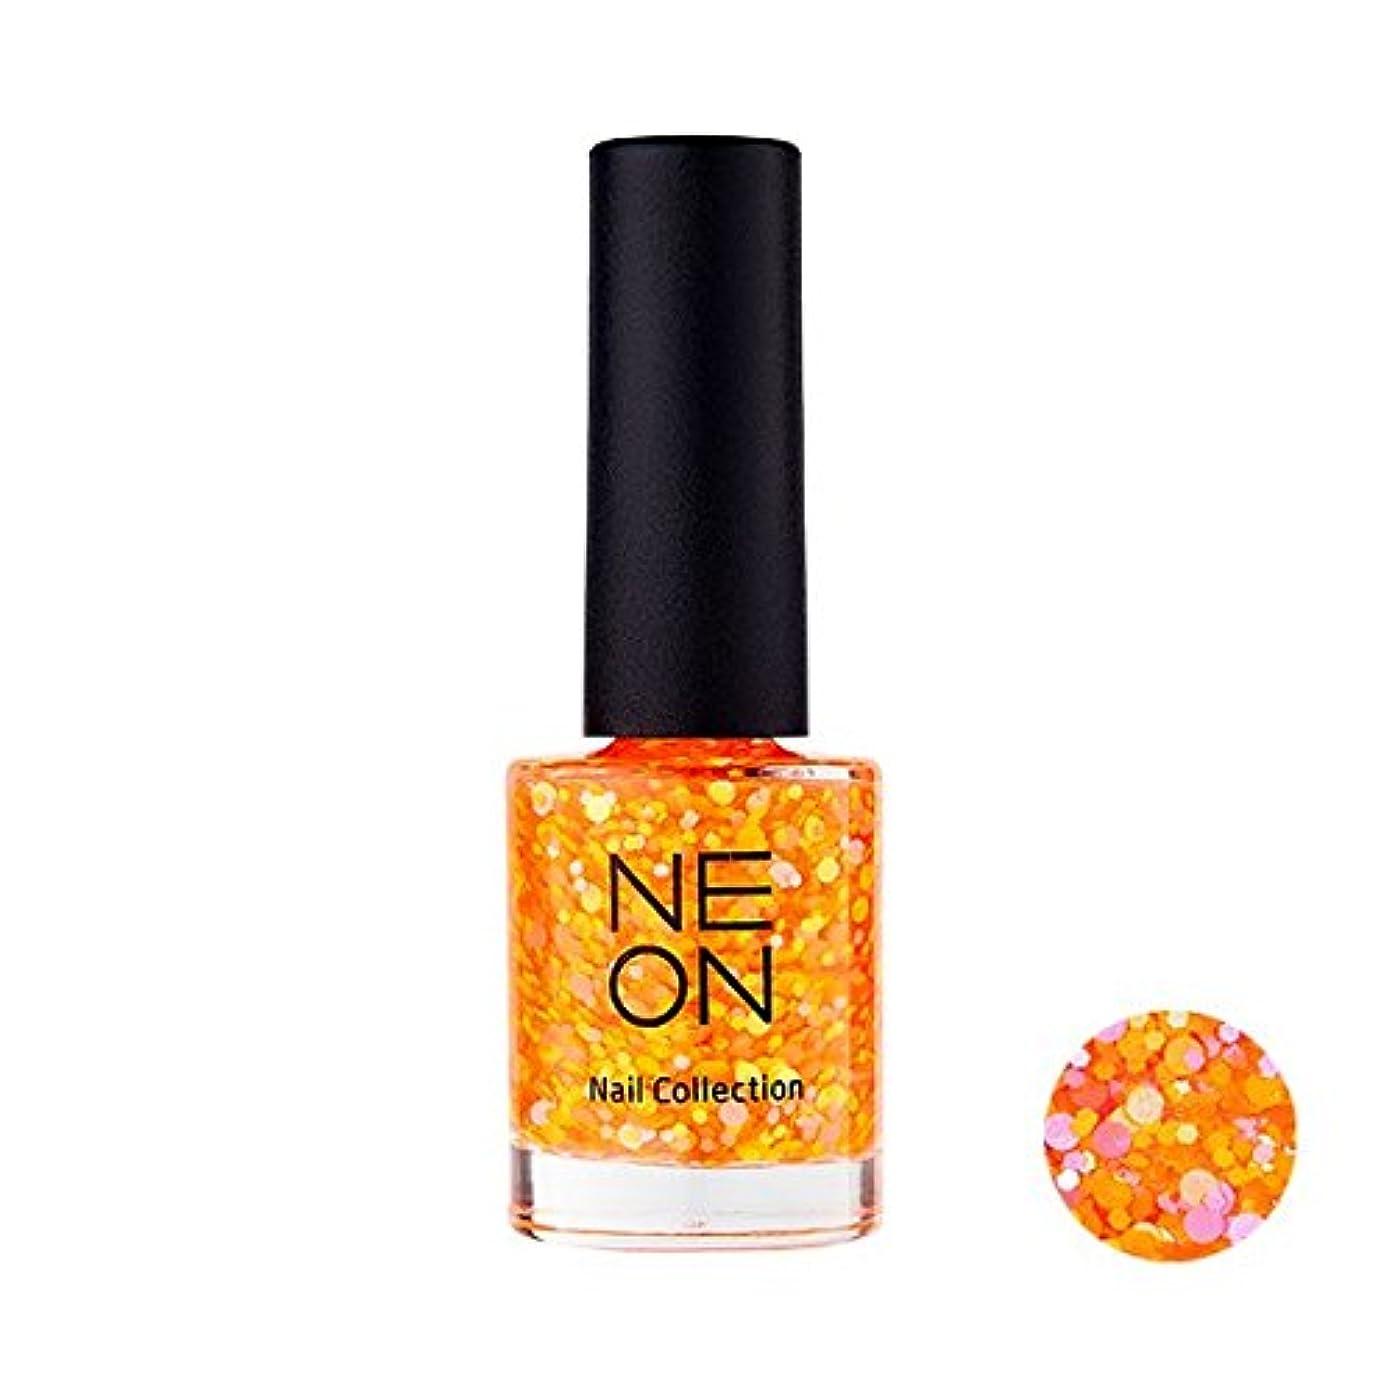 実り多い予測クリップIt'S SKIN Neon nail collection [03 Neon Glitter Orange] イッツスキン ネオンネイルコレクション [03 ネオン グリッター オレンジ] [並行輸入品]